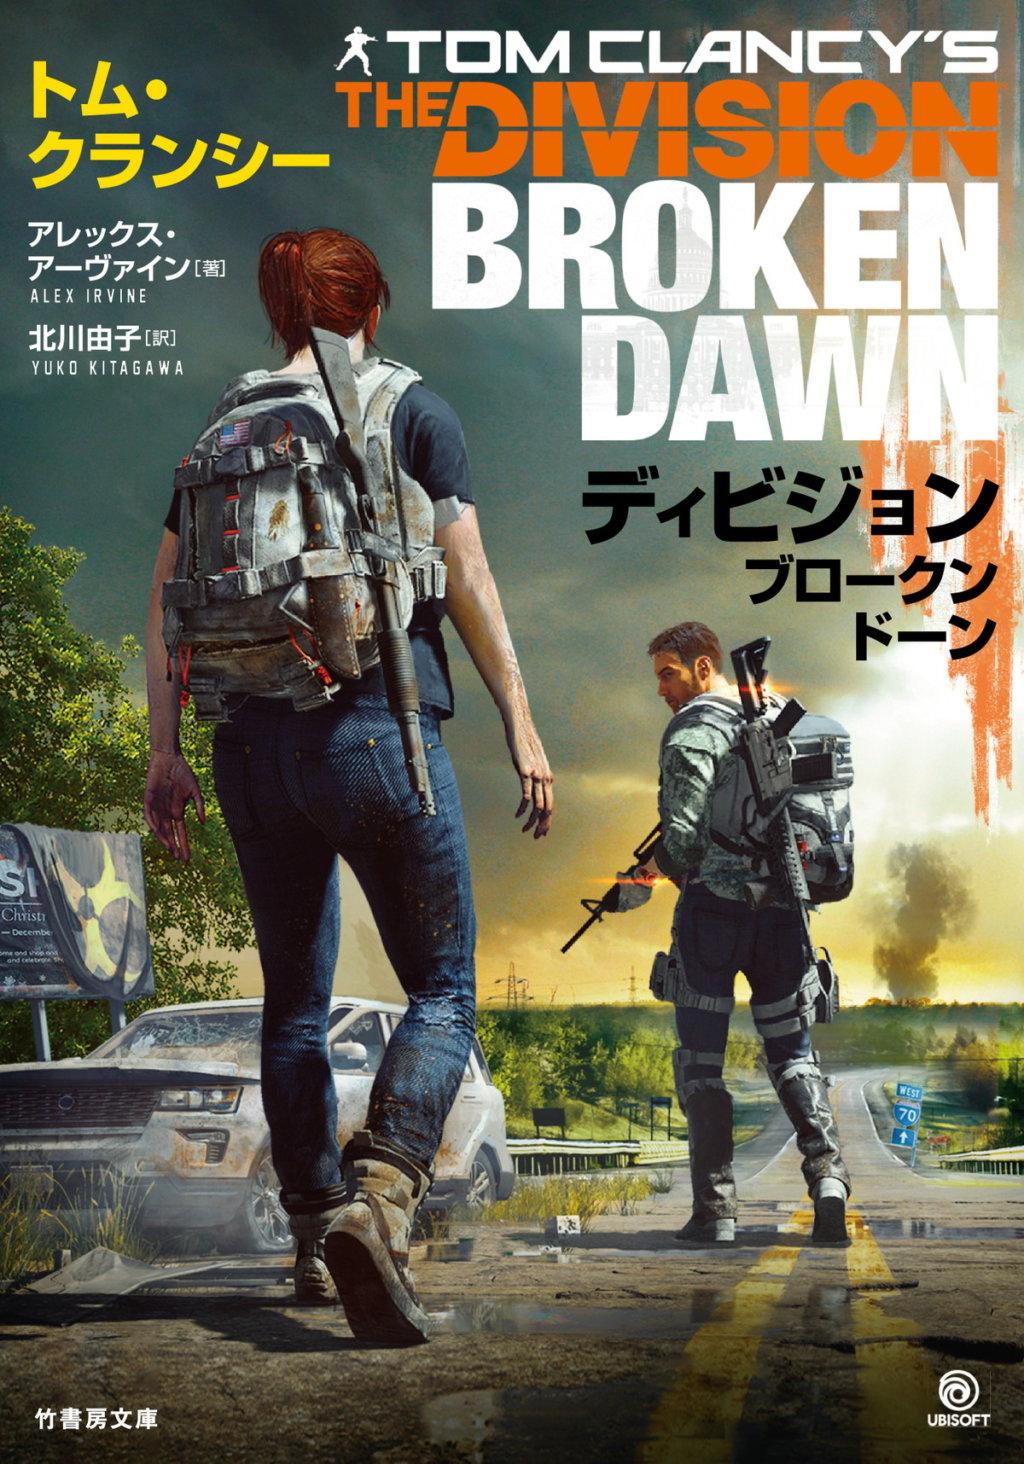 ディビジョン ブロークンドーン(小説)